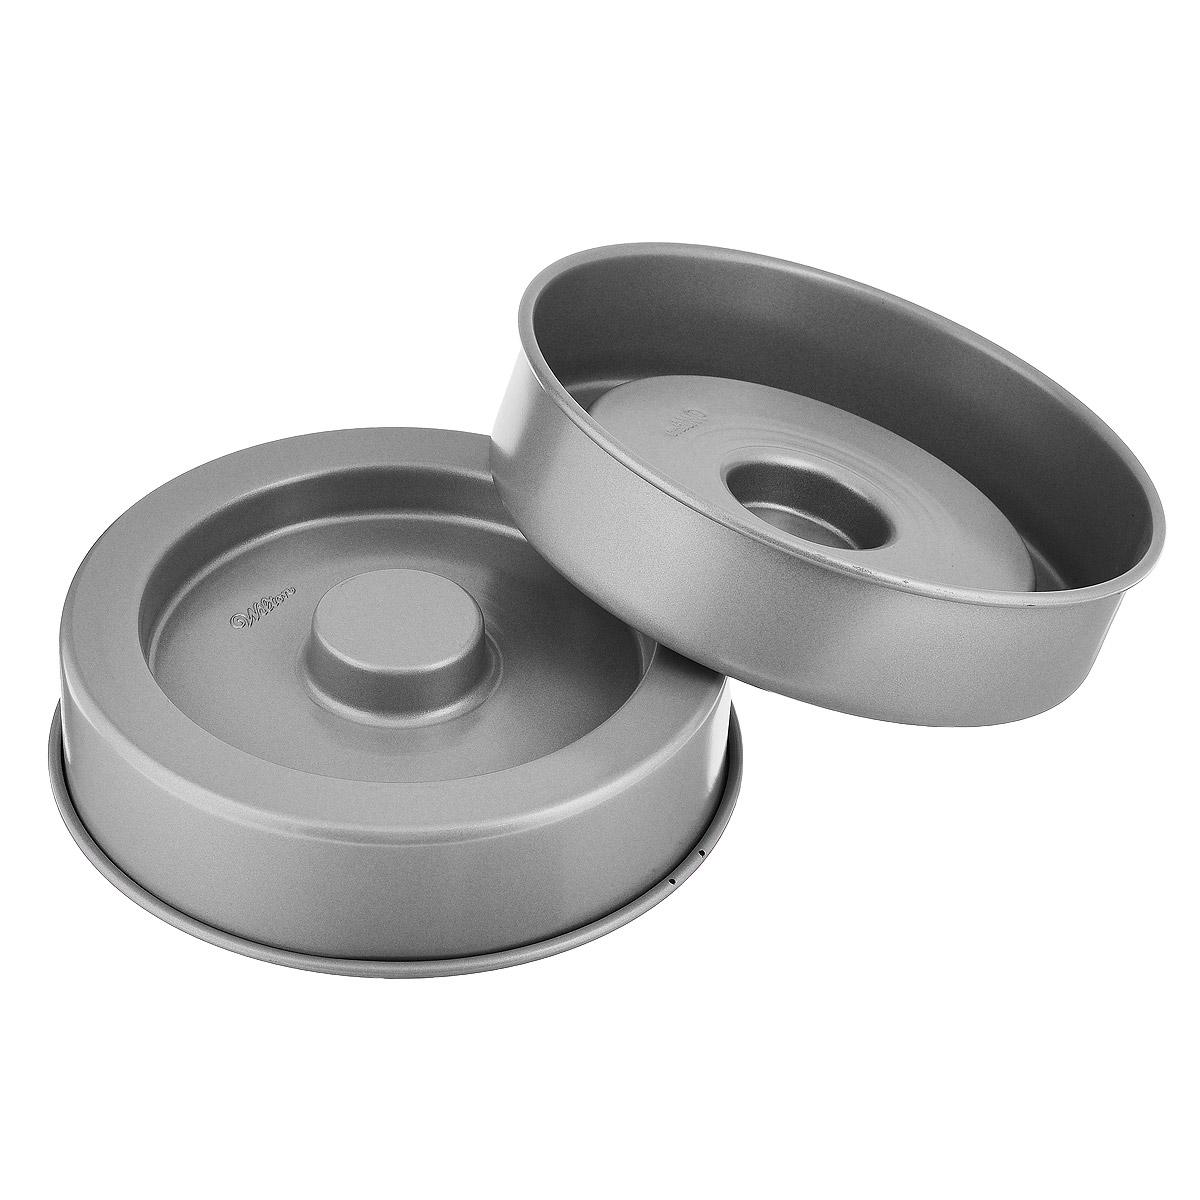 Форма для выпечки Wilton Квадрат внутри, диаметр 22 см, 2 штWLT-2105-150Форма для выпечки Wilton Квадрат внутри выполнена из высококачественного металла с антипригарным покрытием. Это уникальная форма для выпечки интересного торта. Каждый кусочек имеет вкусный квадратик! Сердцевину выпечки можно наполнить всевозможными начинками - мороженое, фрукты, муссы и др. Просто испеките, выньте из форм, наполните и уберите в морозилку.